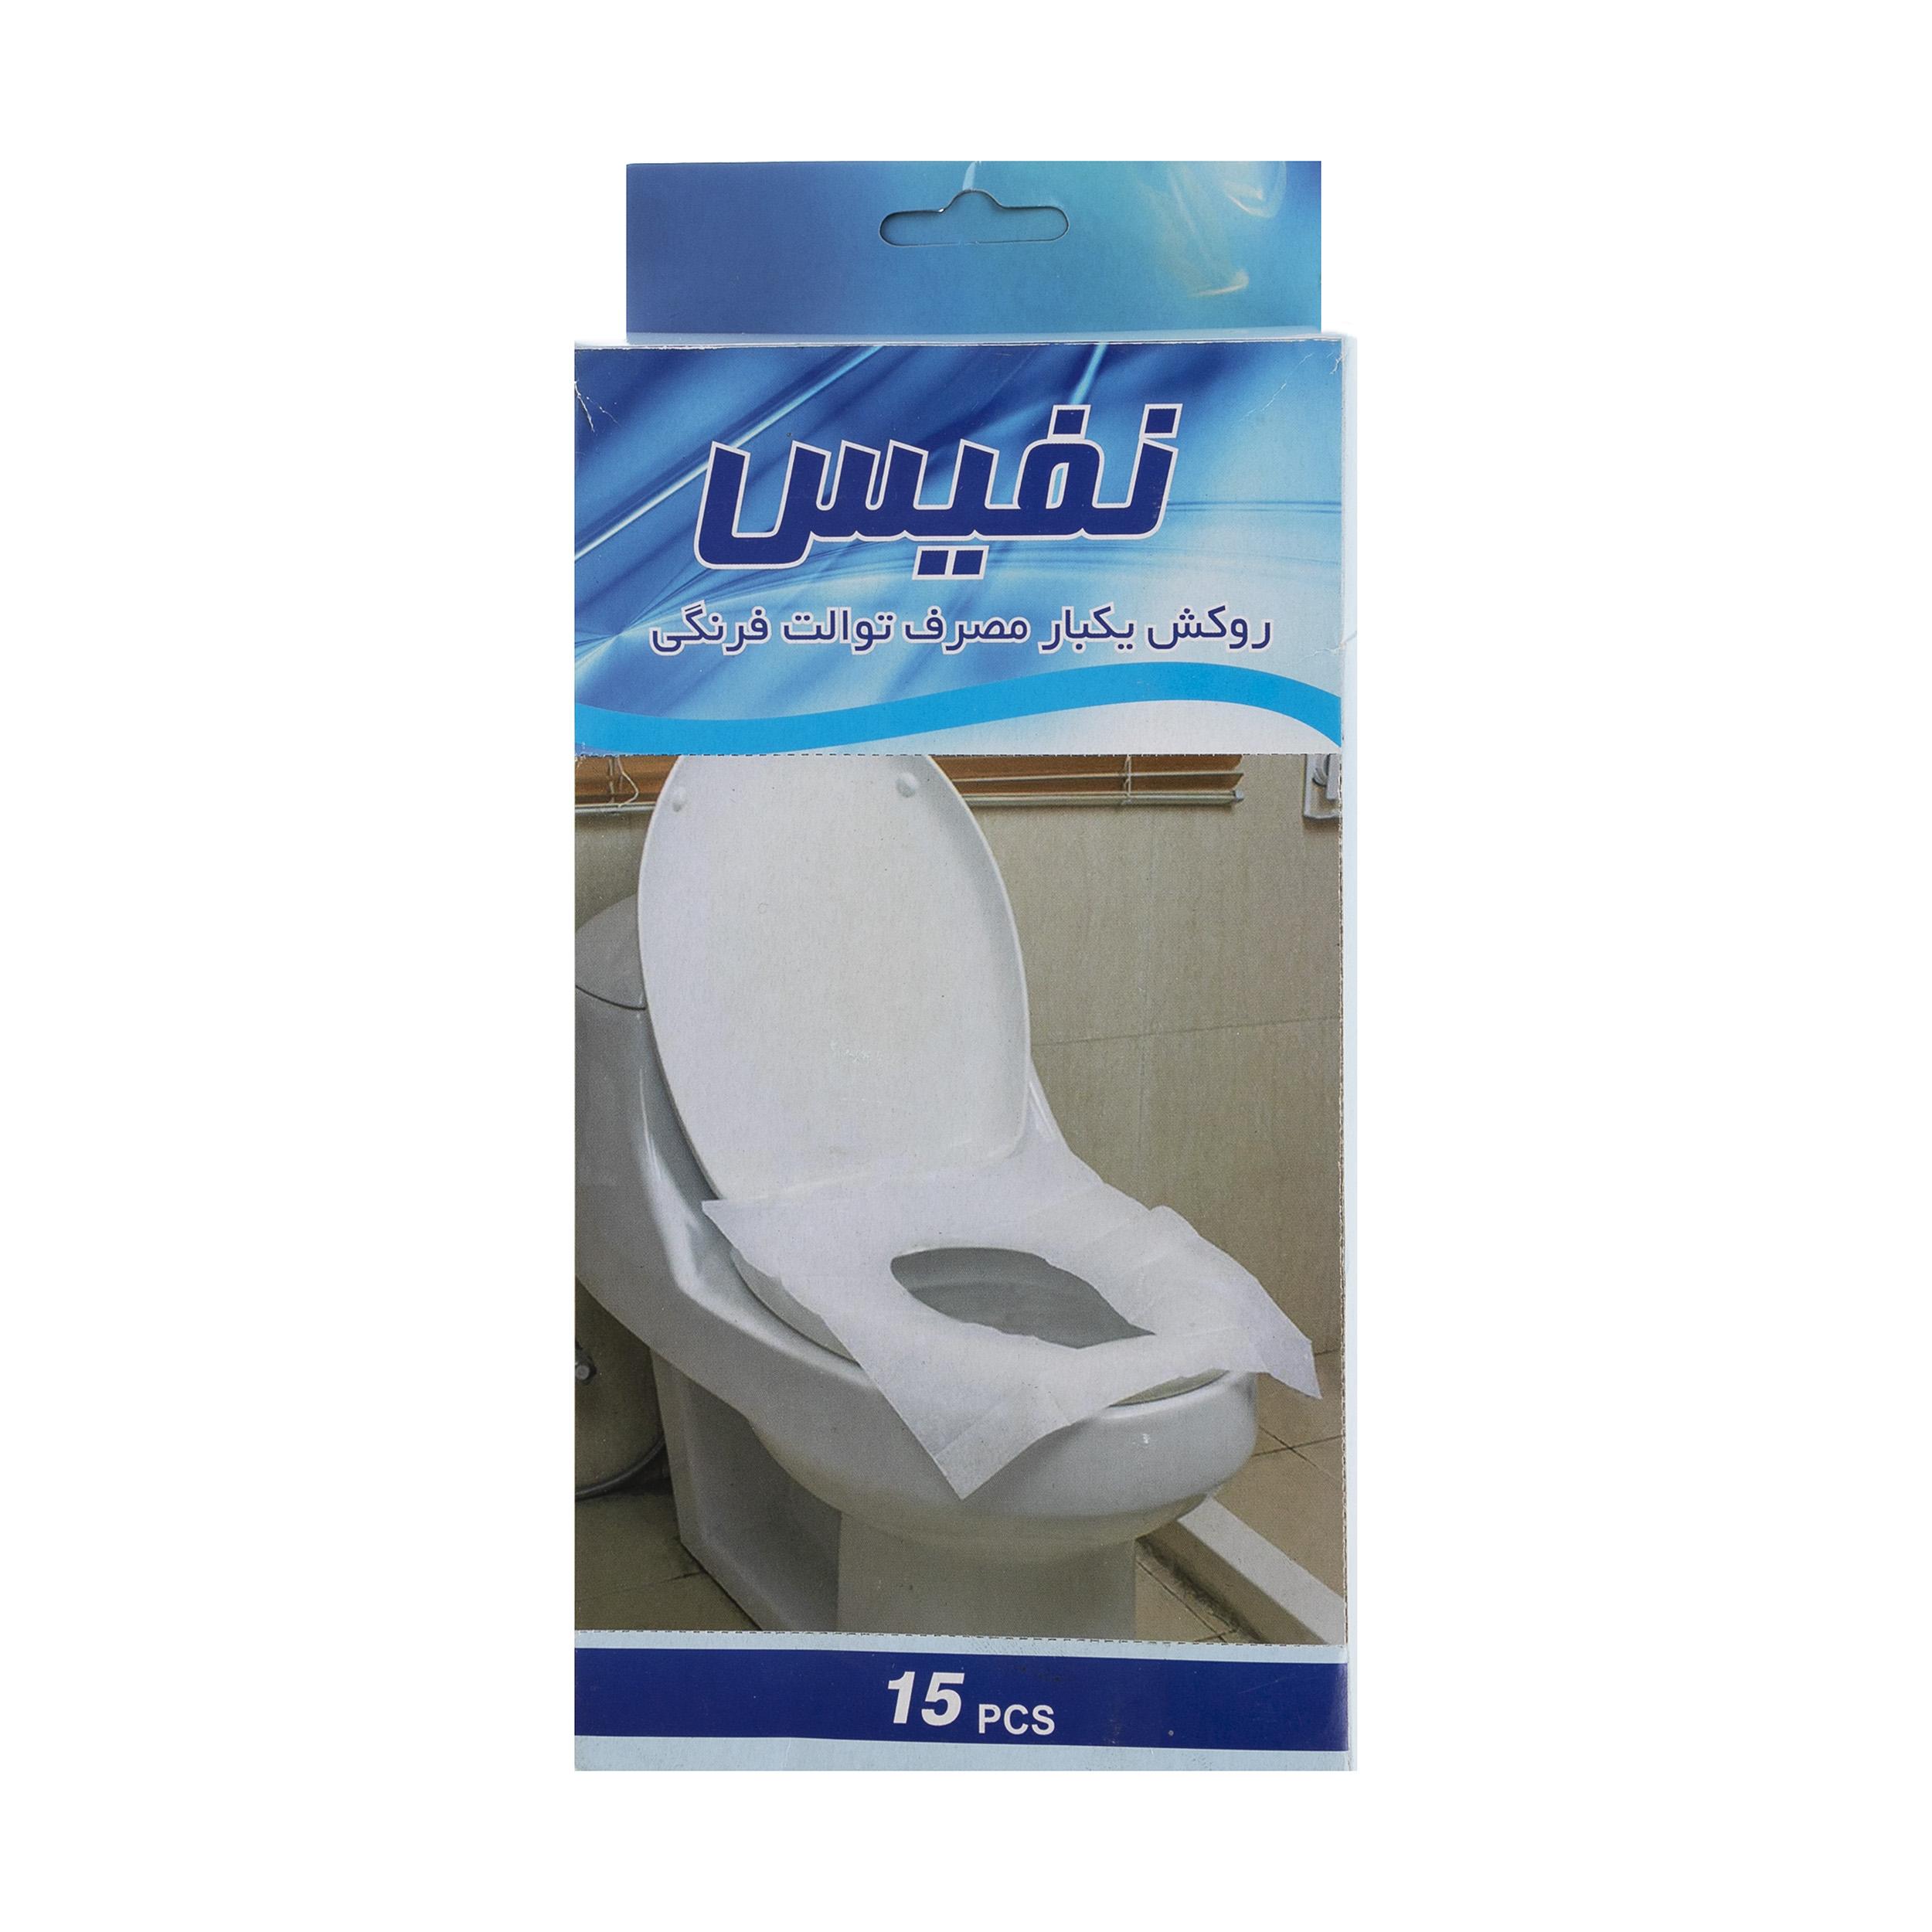 روکش یکبار مصرف توالت فرنگی نفیس کد 55646 سایز 40 × 38 سانتی متر